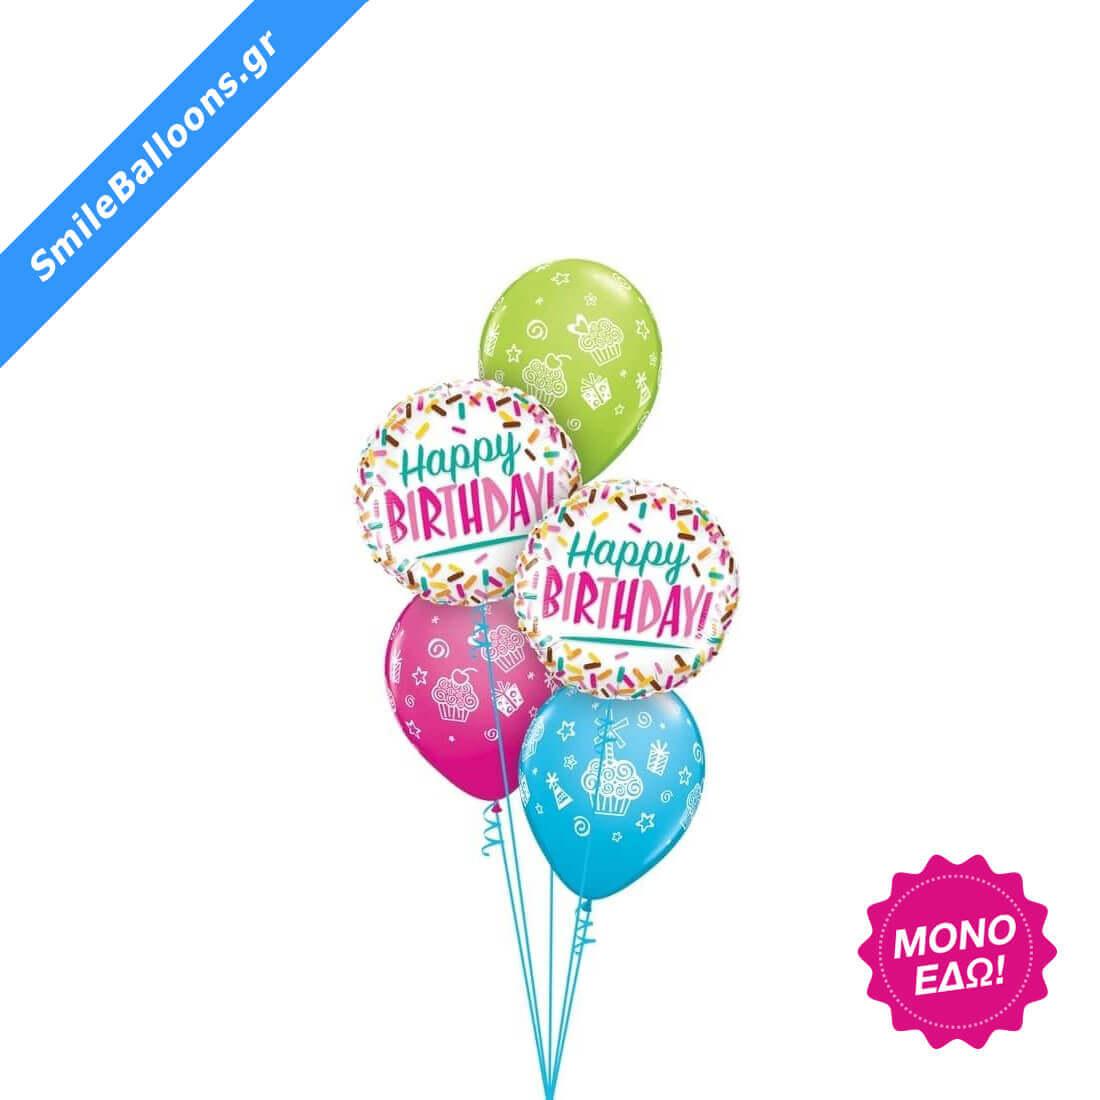 """Μπουκέτο μπαλονιών """"Birthday Sprinkle Surprise"""""""